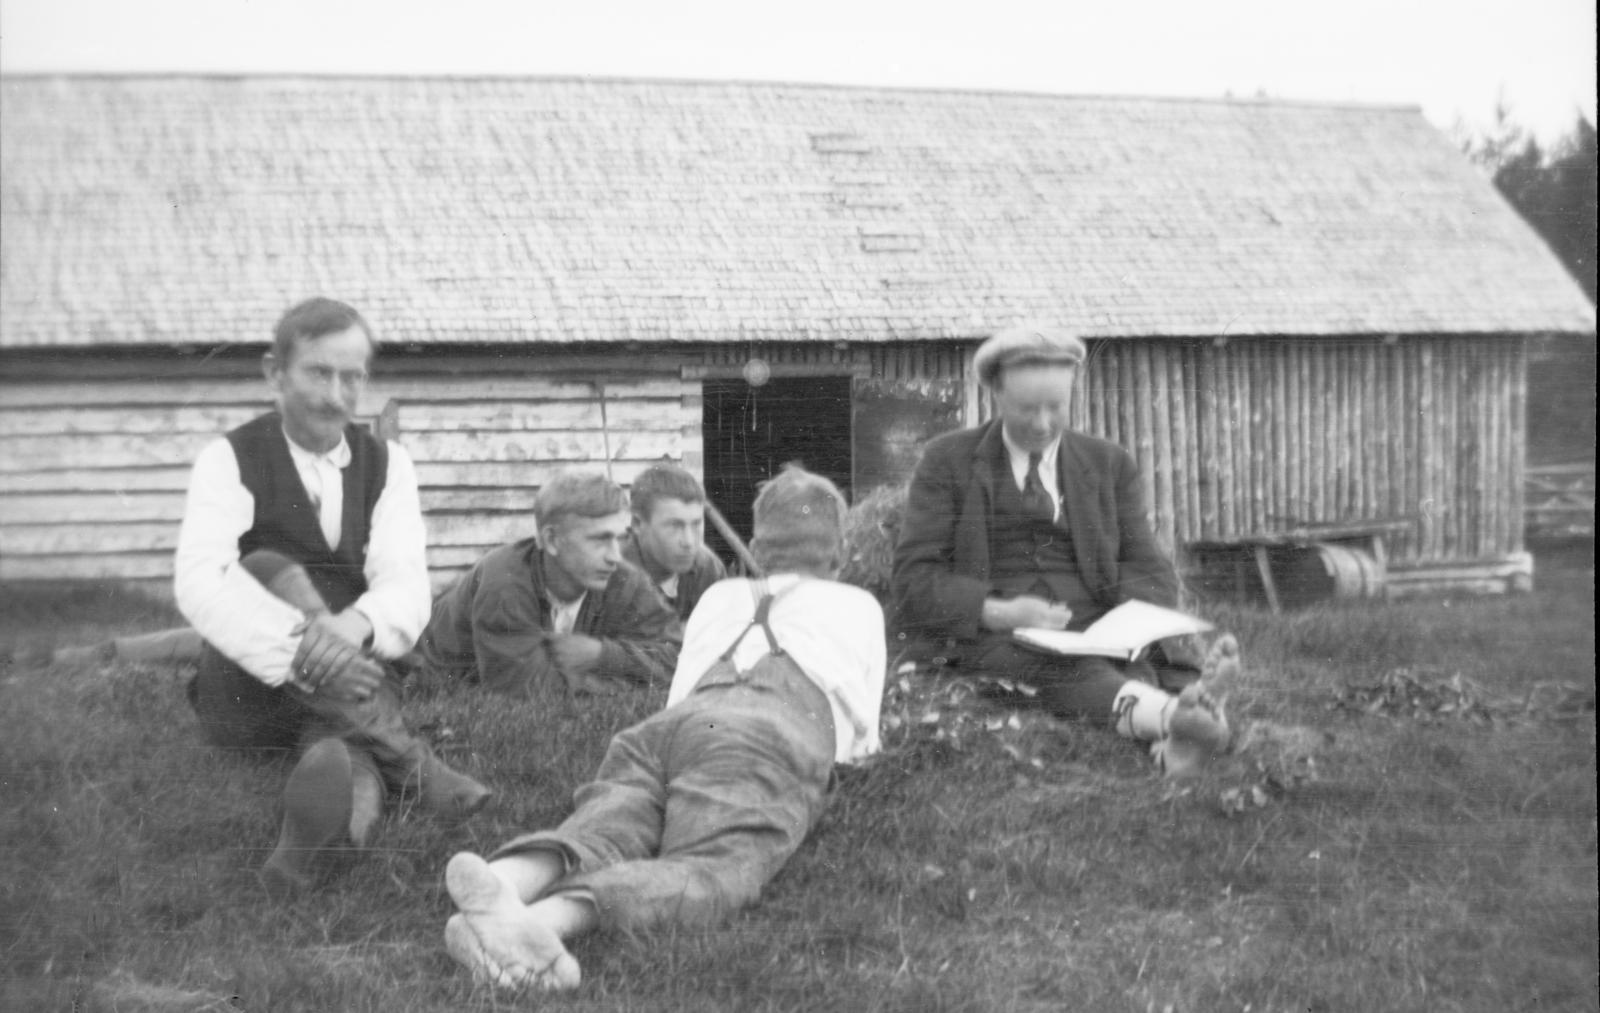 Myös A. Ahlström Oy:n maista muodostettiin runsaasti pientiloja muuan muassa Savossa ja Kainuussa. Metsäteknikko Ivar Ekström julistaa lohkotilojen pinta-alat, hinnat ja maksuajat metsäkansalle Sotkamossa vuonna.1925. (Ivar Aleksandet Ekström / Varkauden museot)